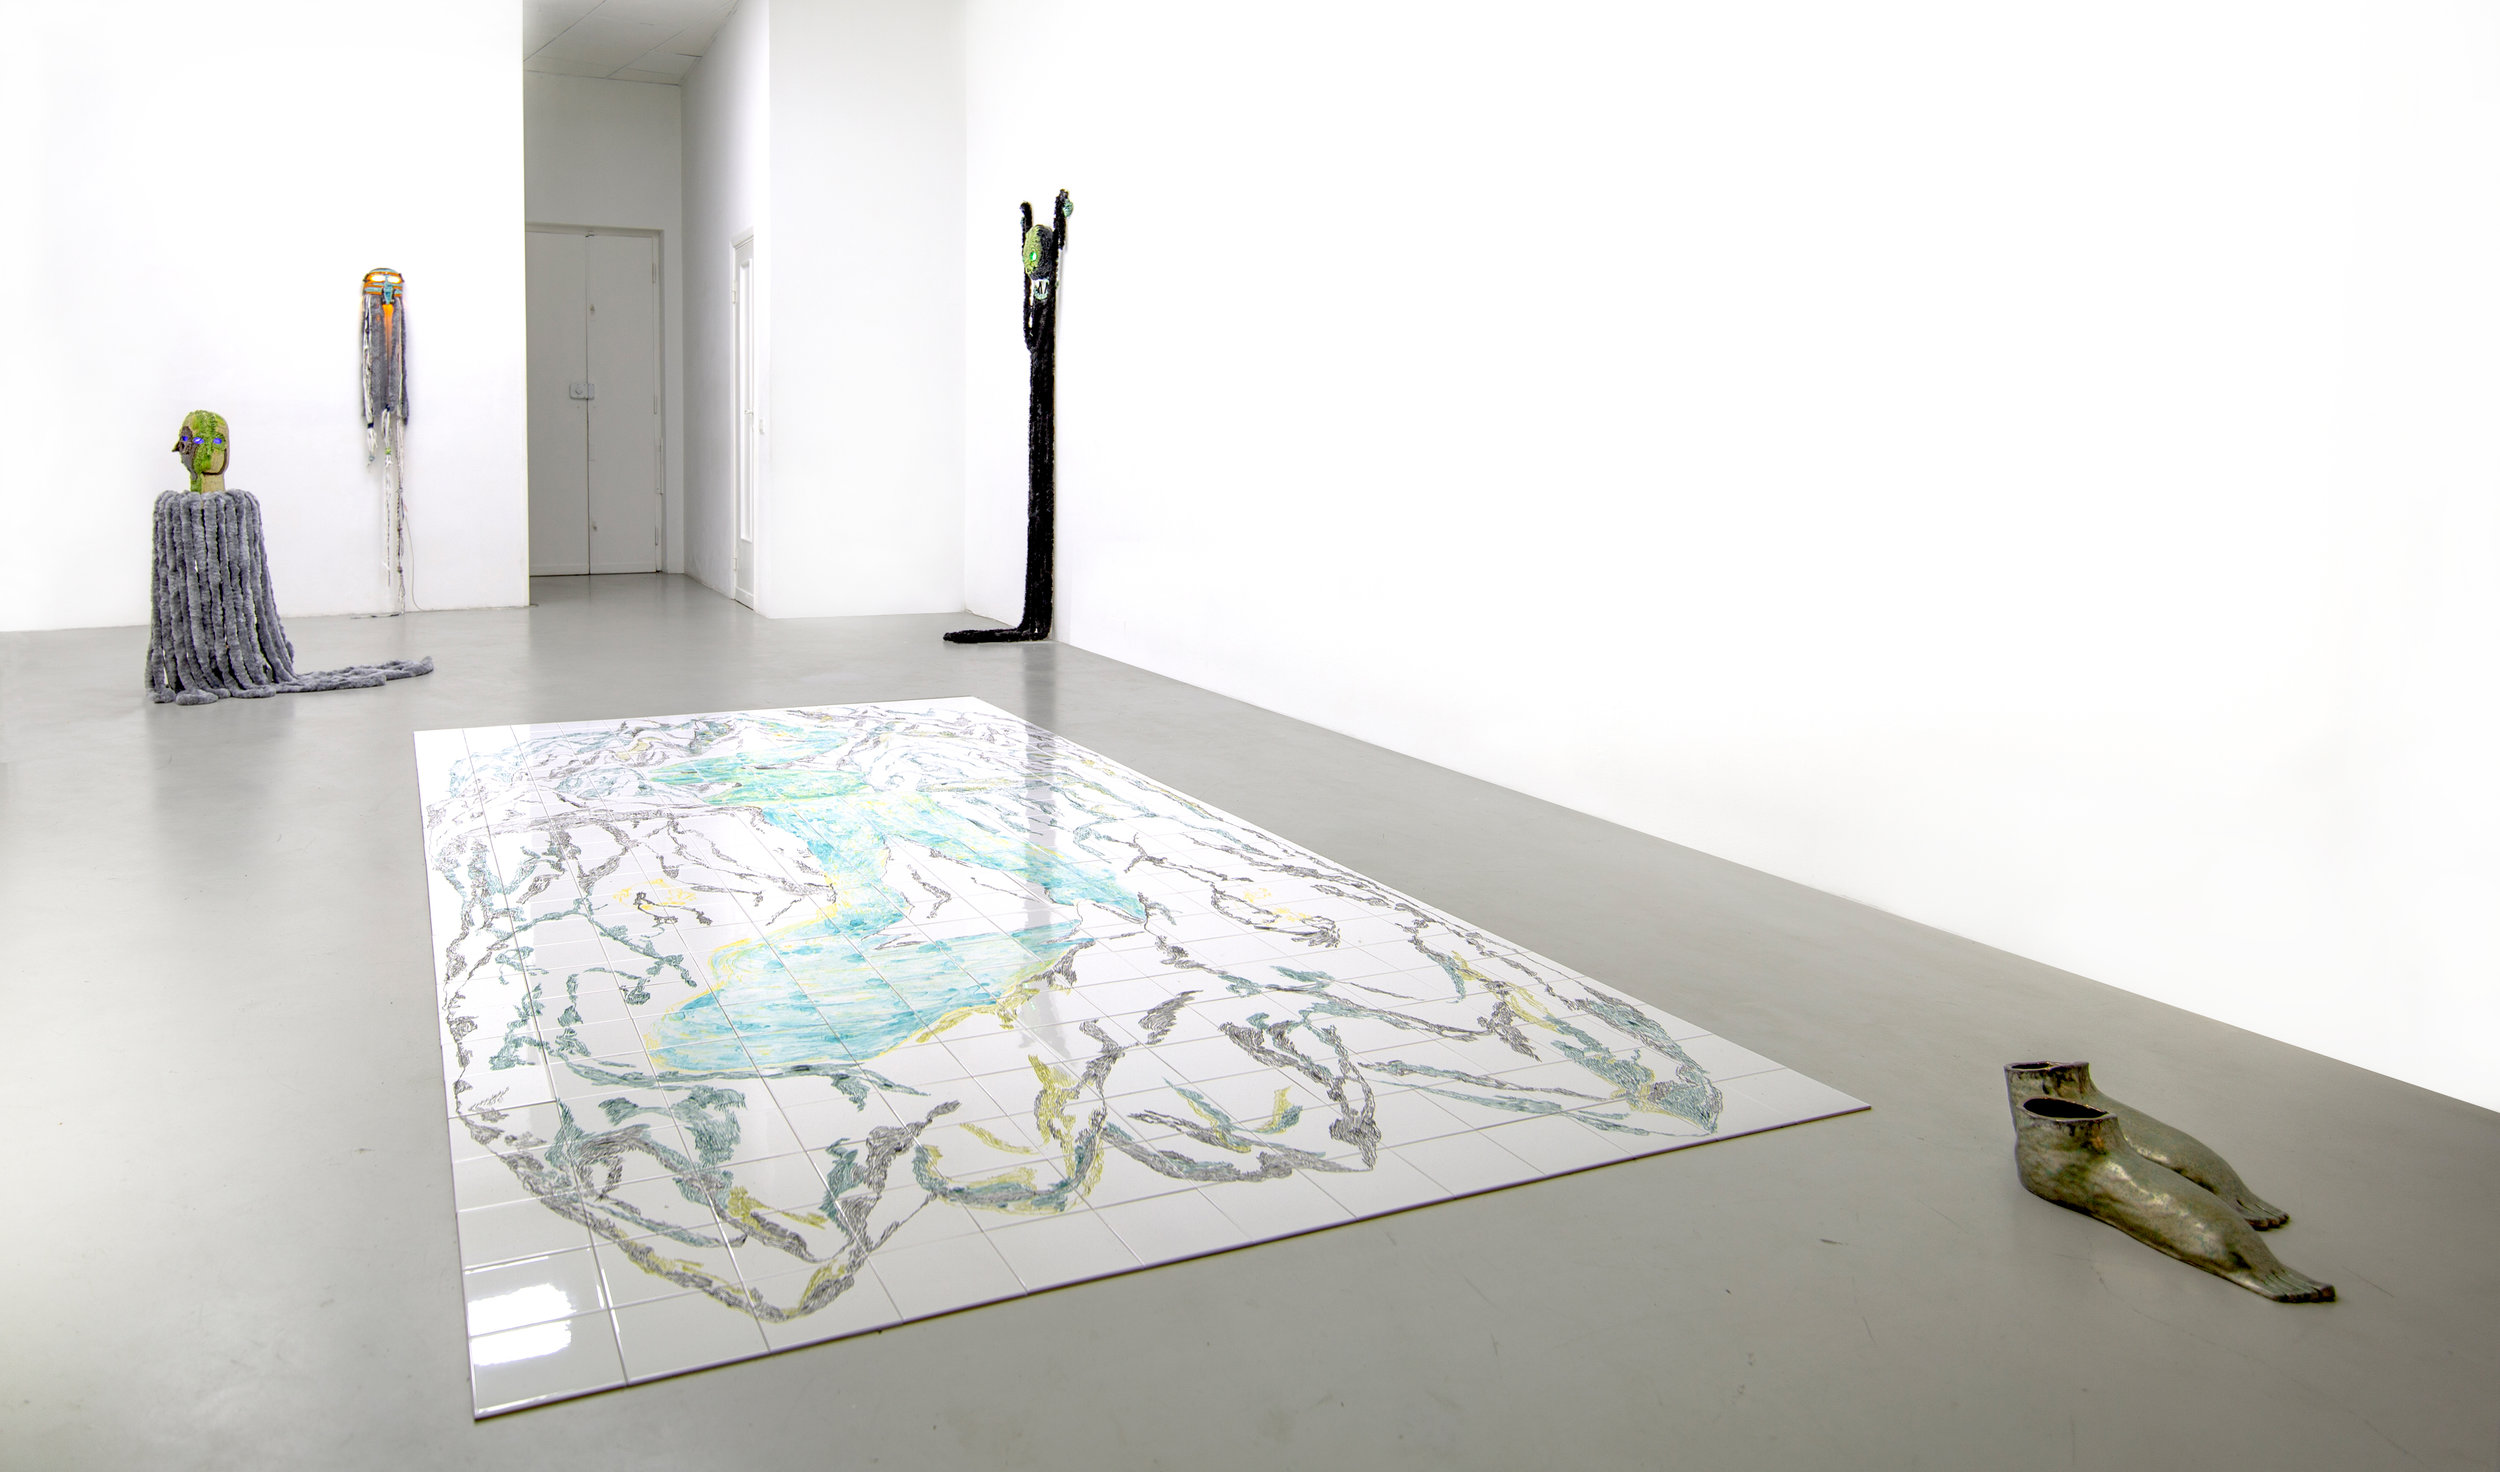 1 Giusy Pirrotta TAIXUNIA exhibition view, Dimora Artica.jpg